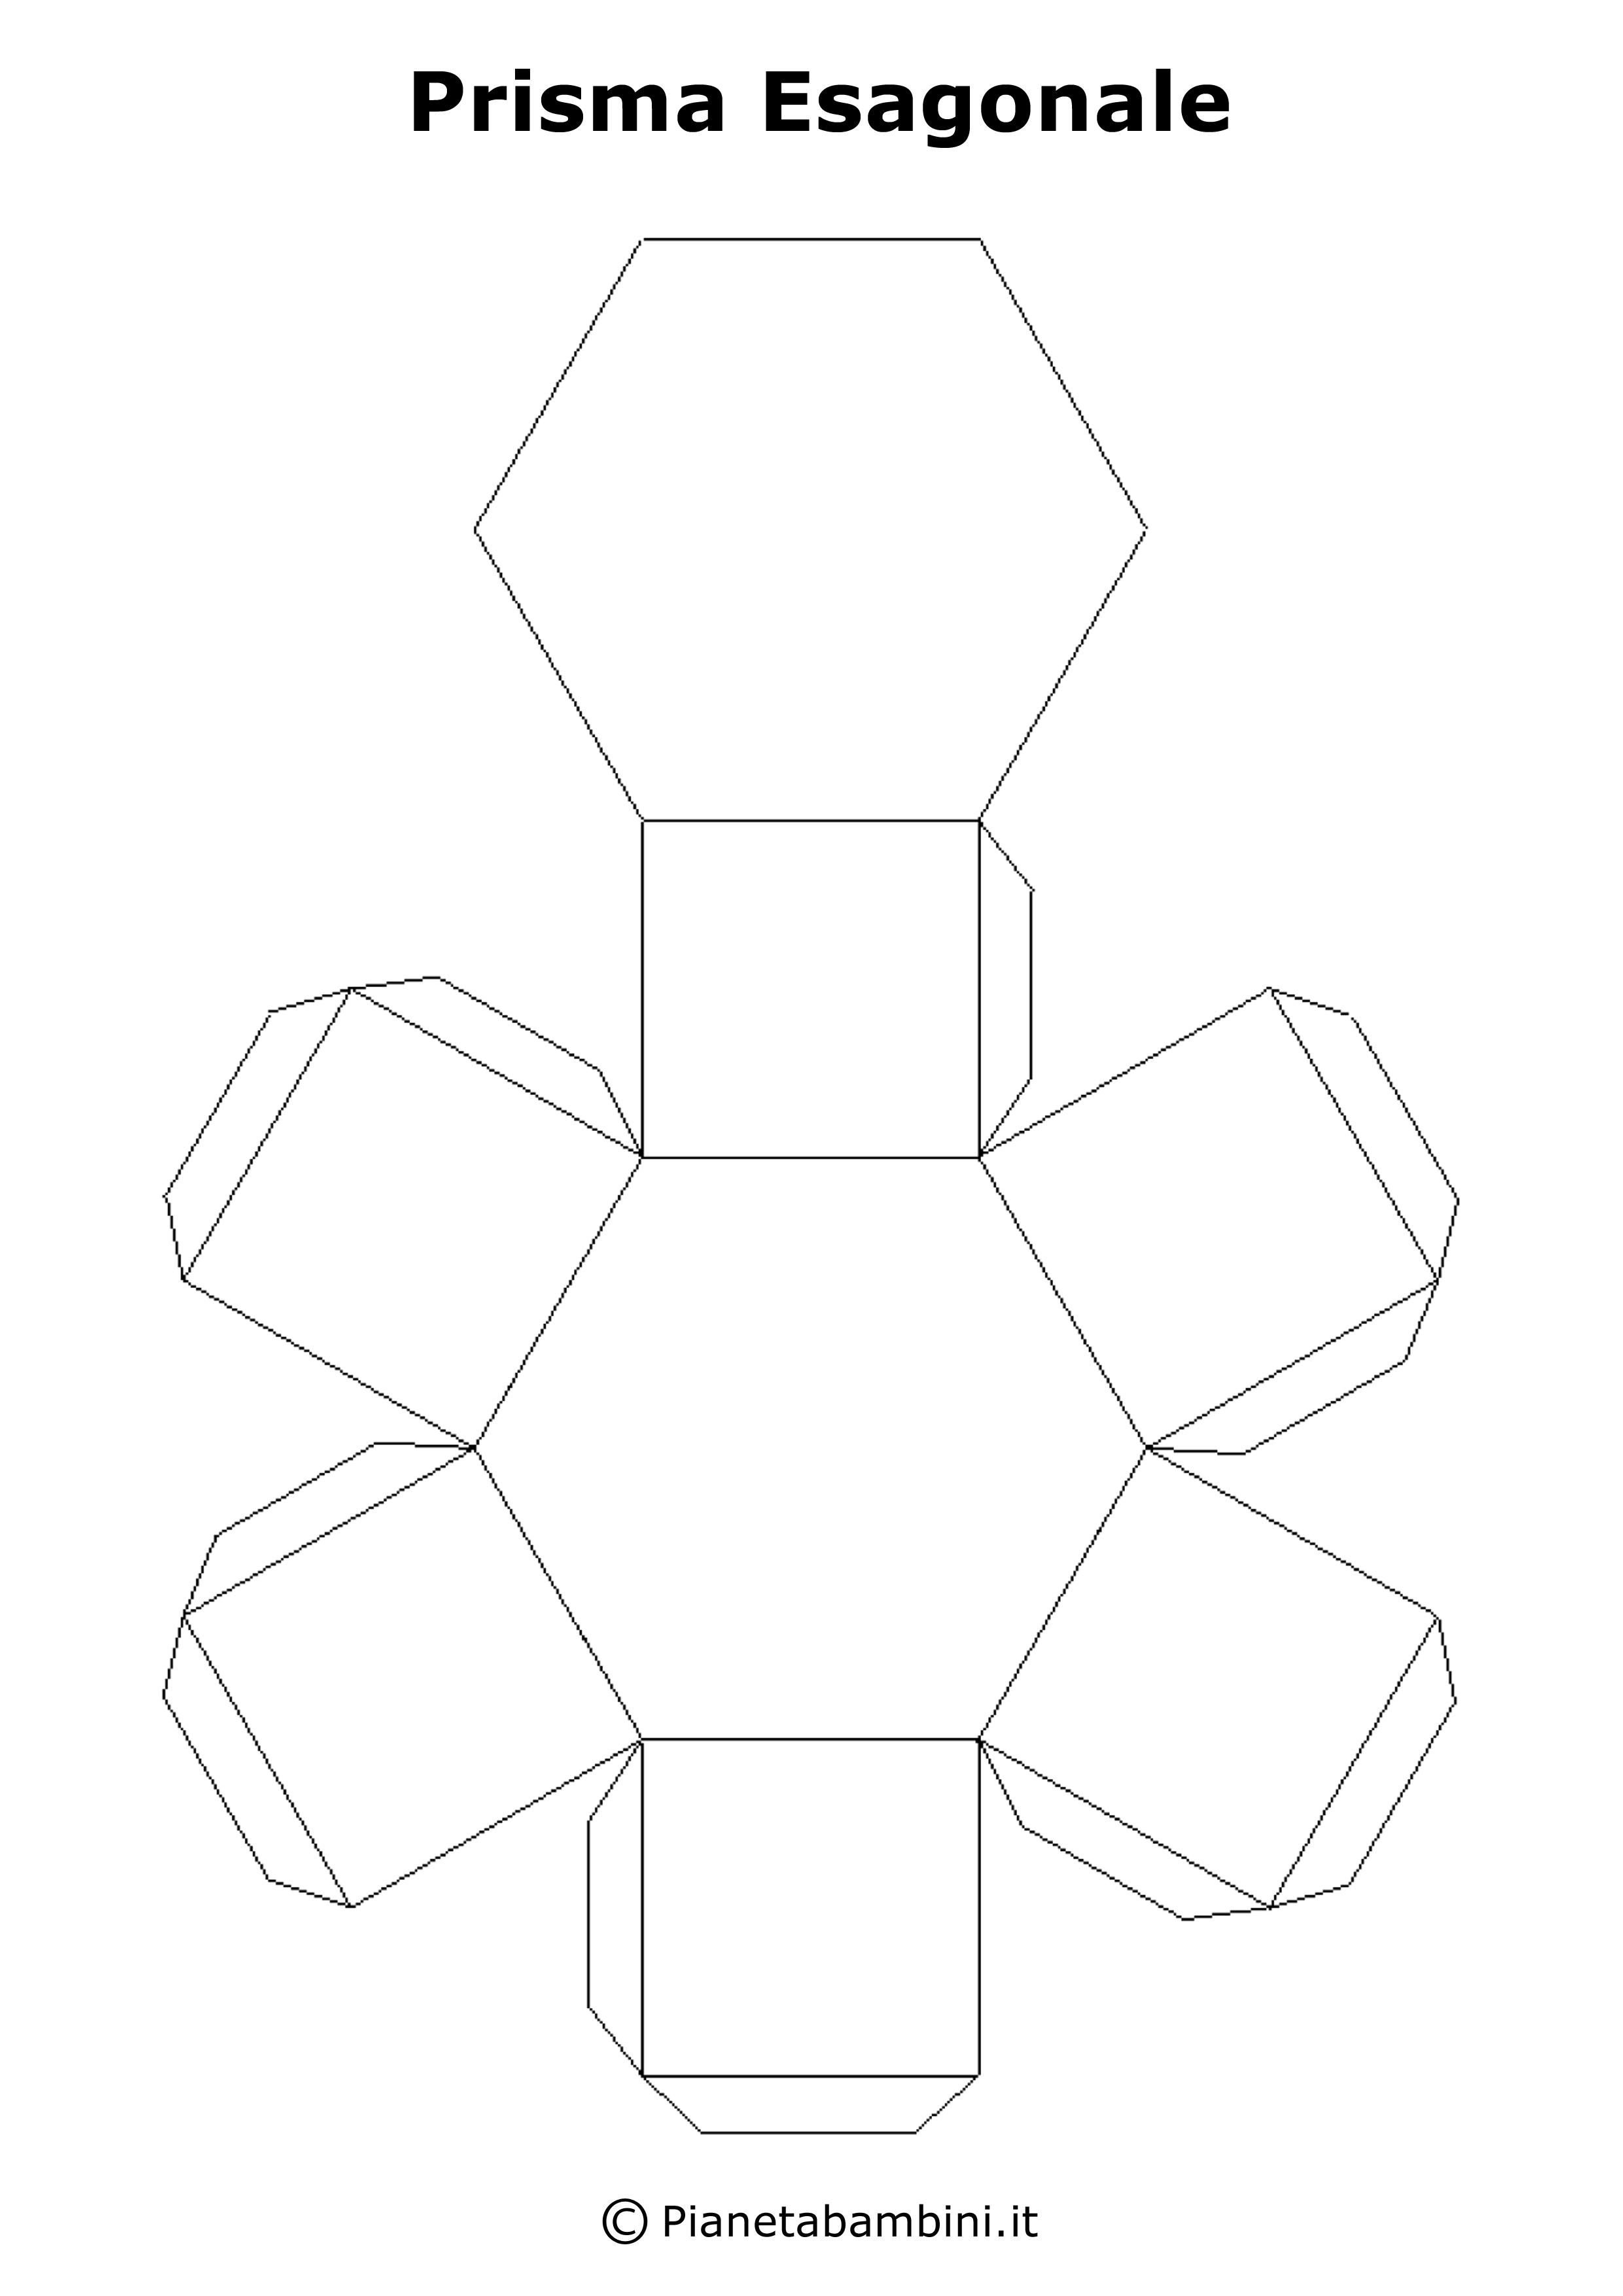 Prisma esagonale